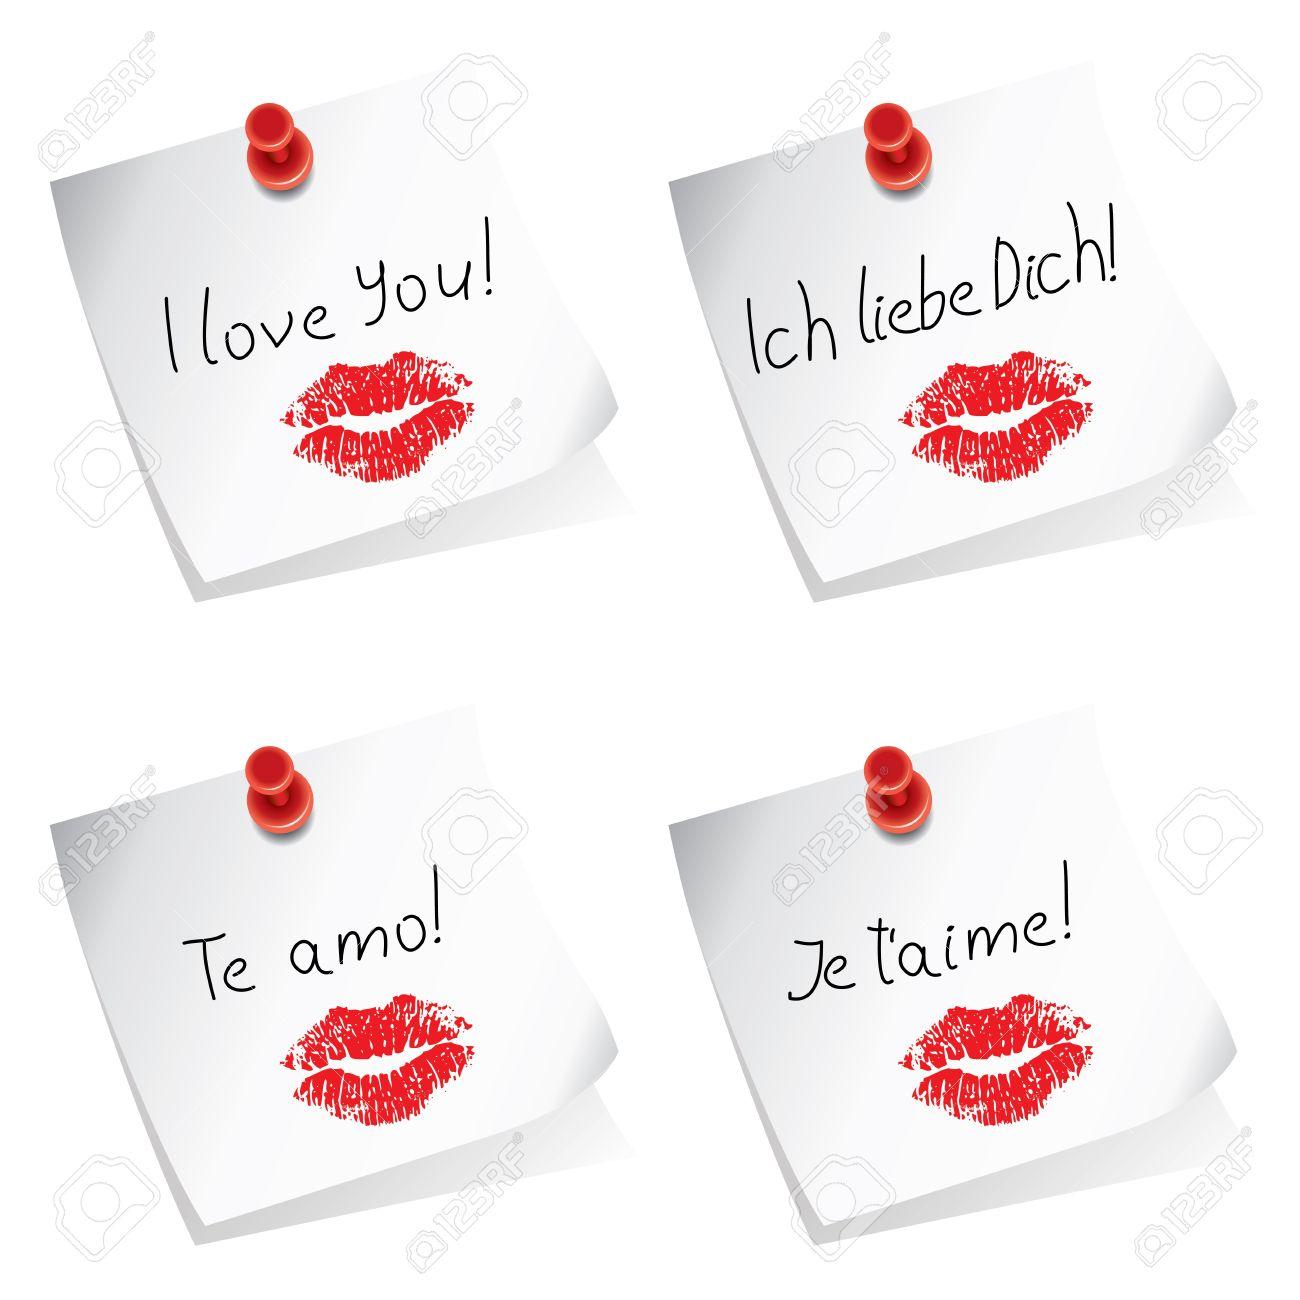 Ich liebe dich texte auf englisch